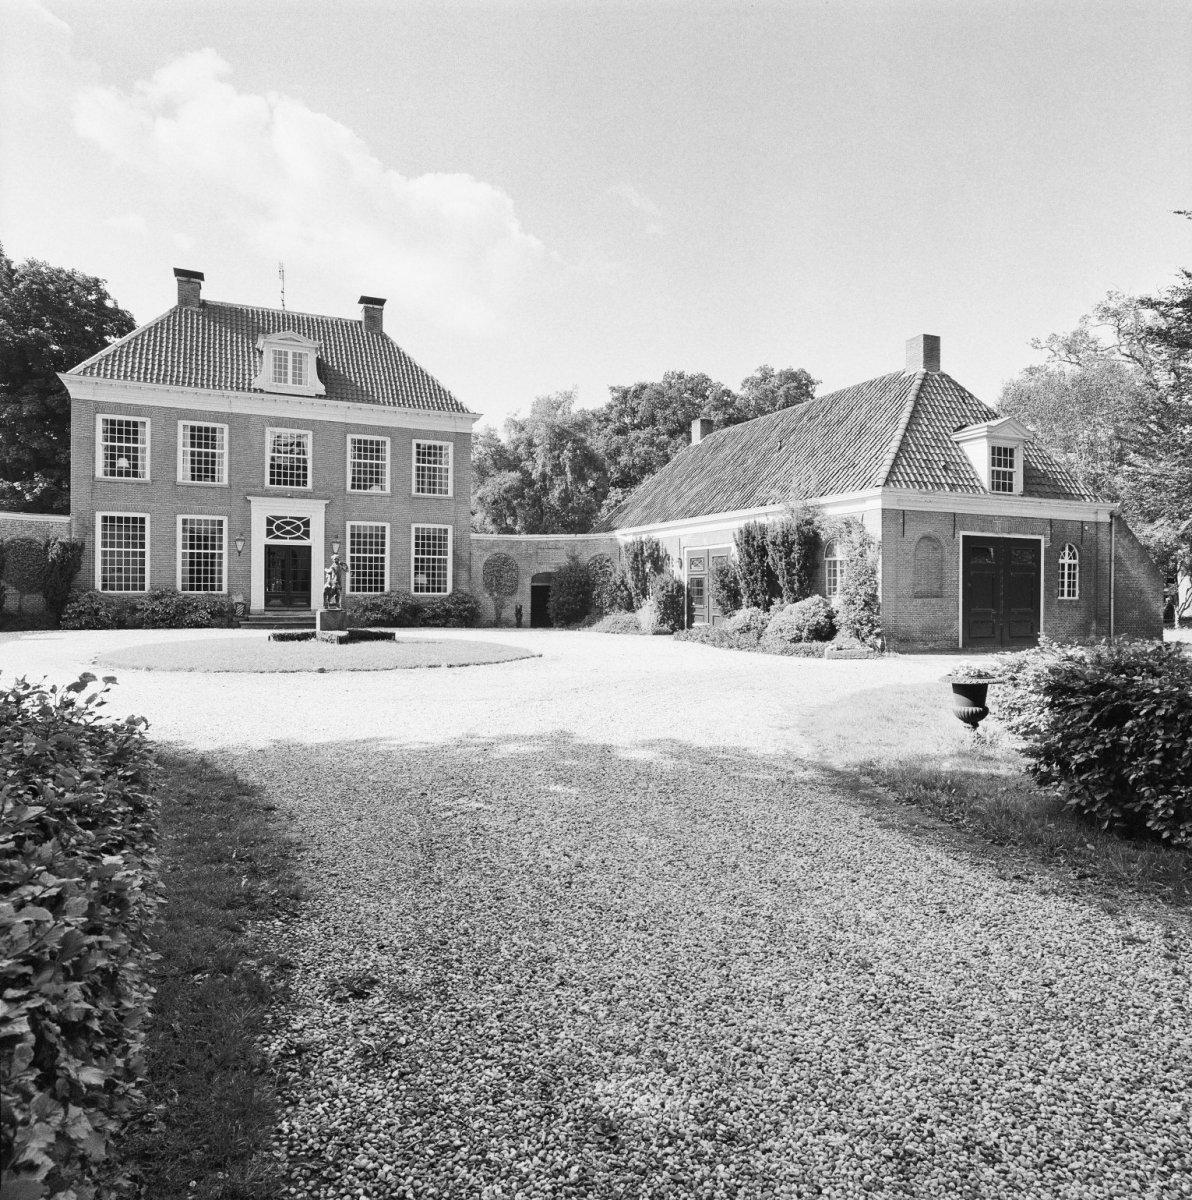 Bestand exterieur overzicht voorgevel huis rechter bouwhuis voorgevel linker zijgevel - Huis exterieur picture ...